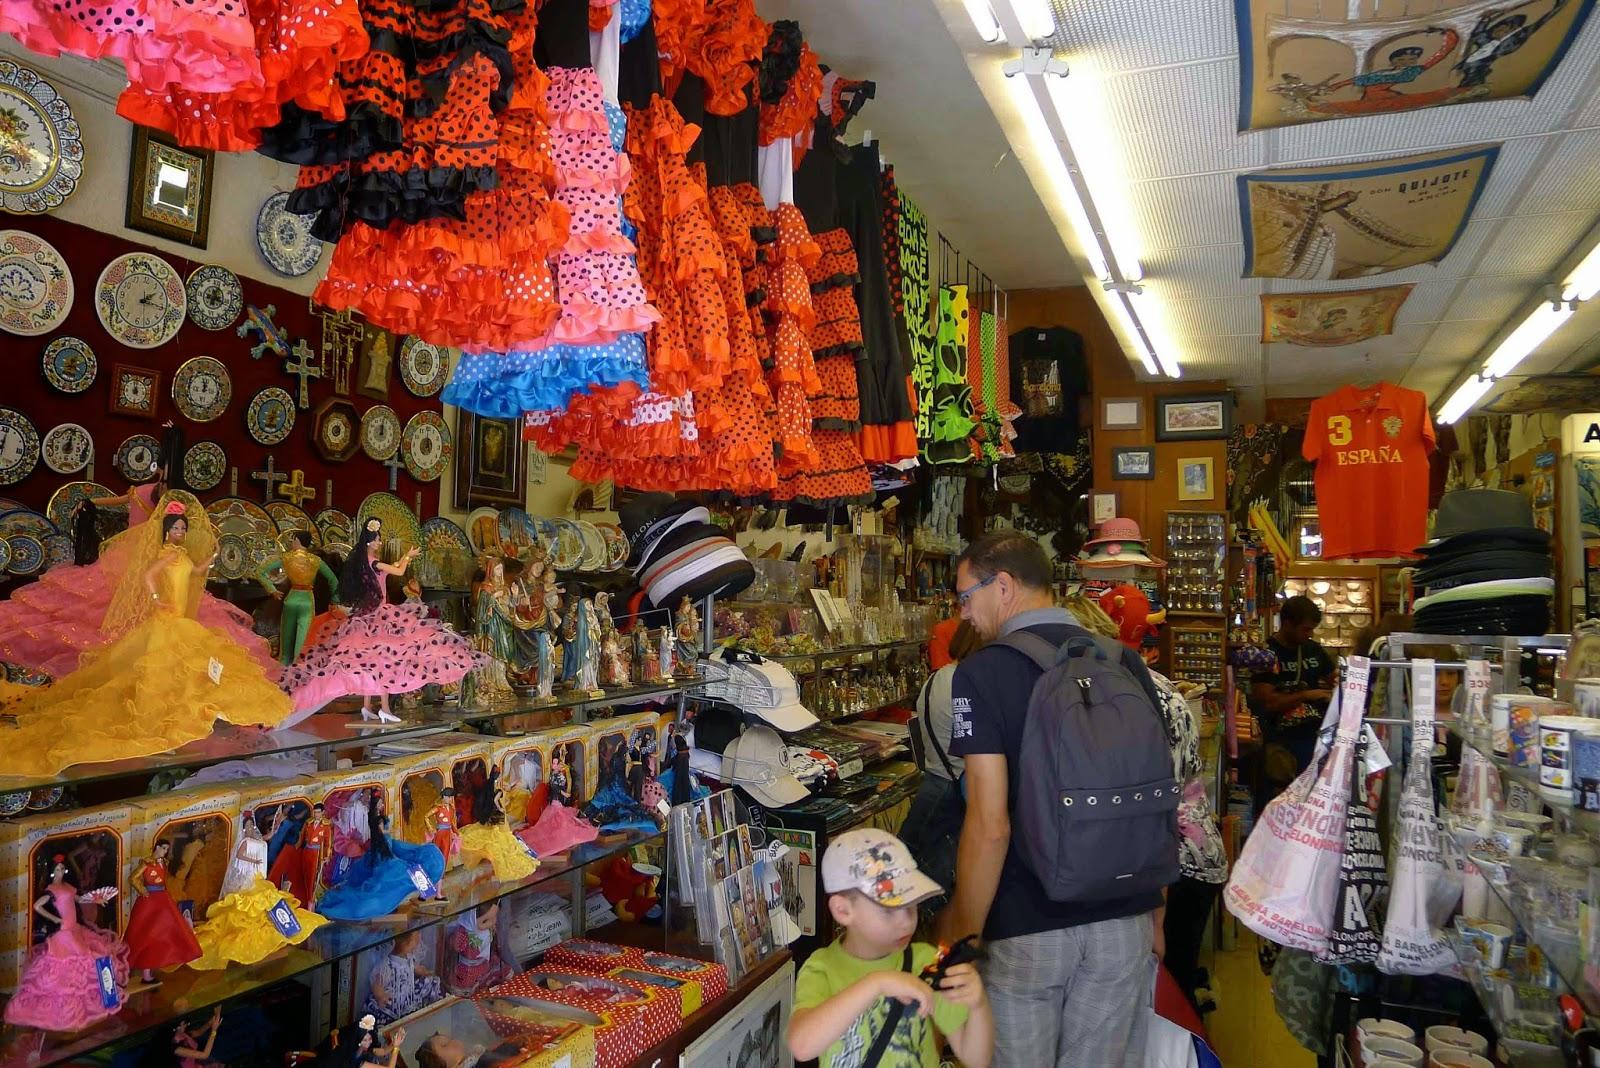 Barcelona Souvenir Shopping